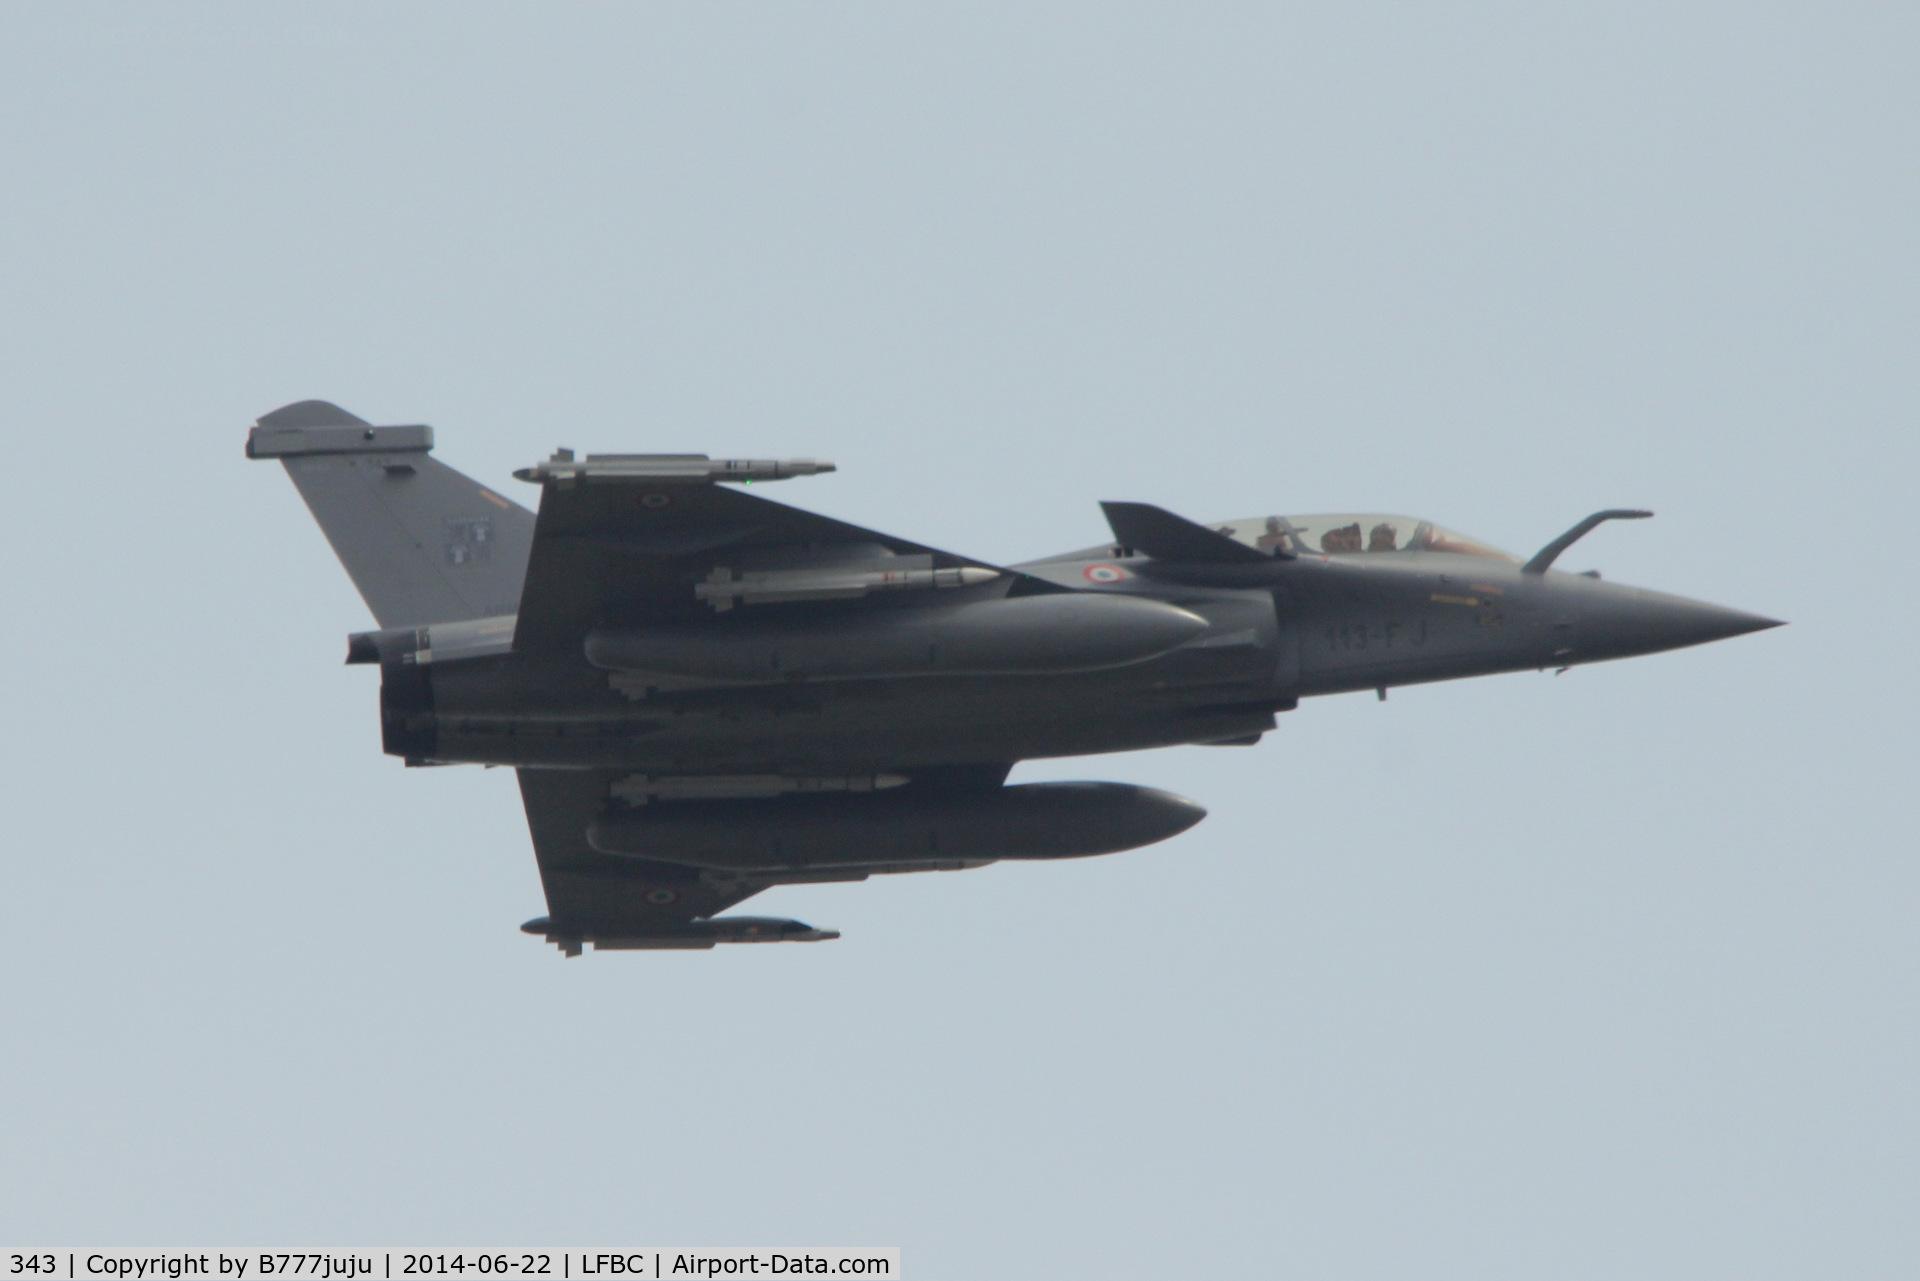 343, Dassault Rafale B C/N 343, over Cazaux